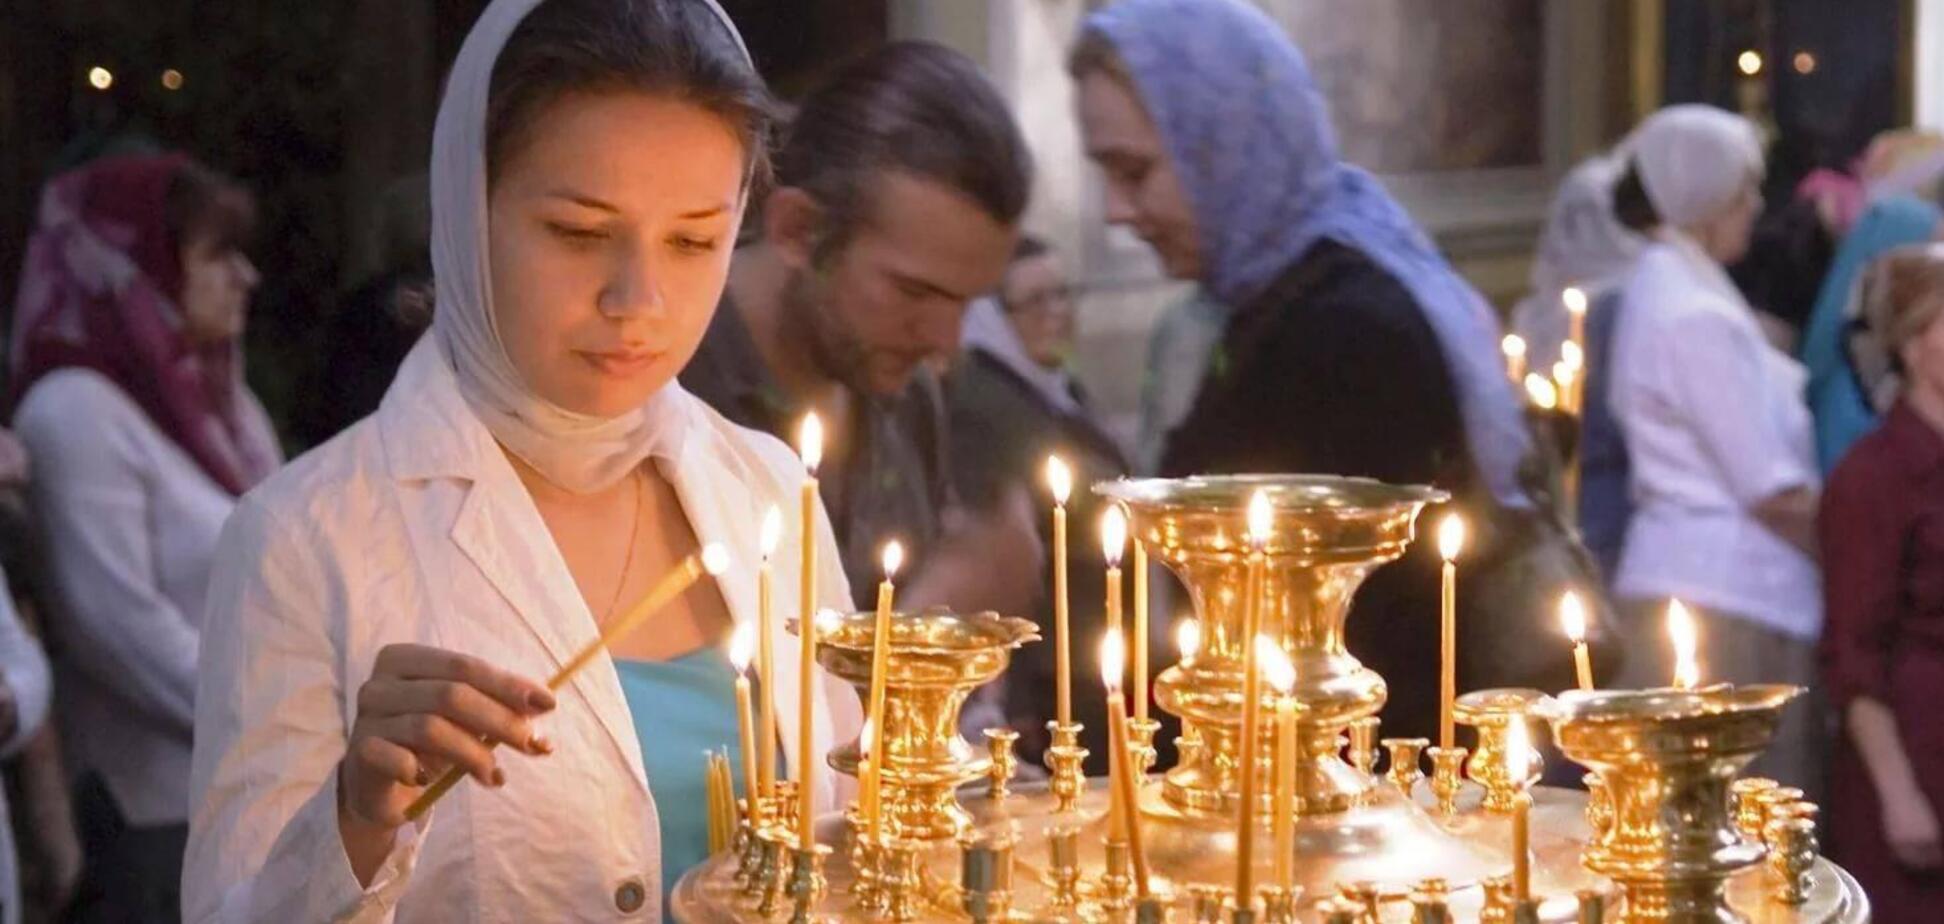 День святих апостолів Петра і Павла 2020: що обов'язково потрібно зробити